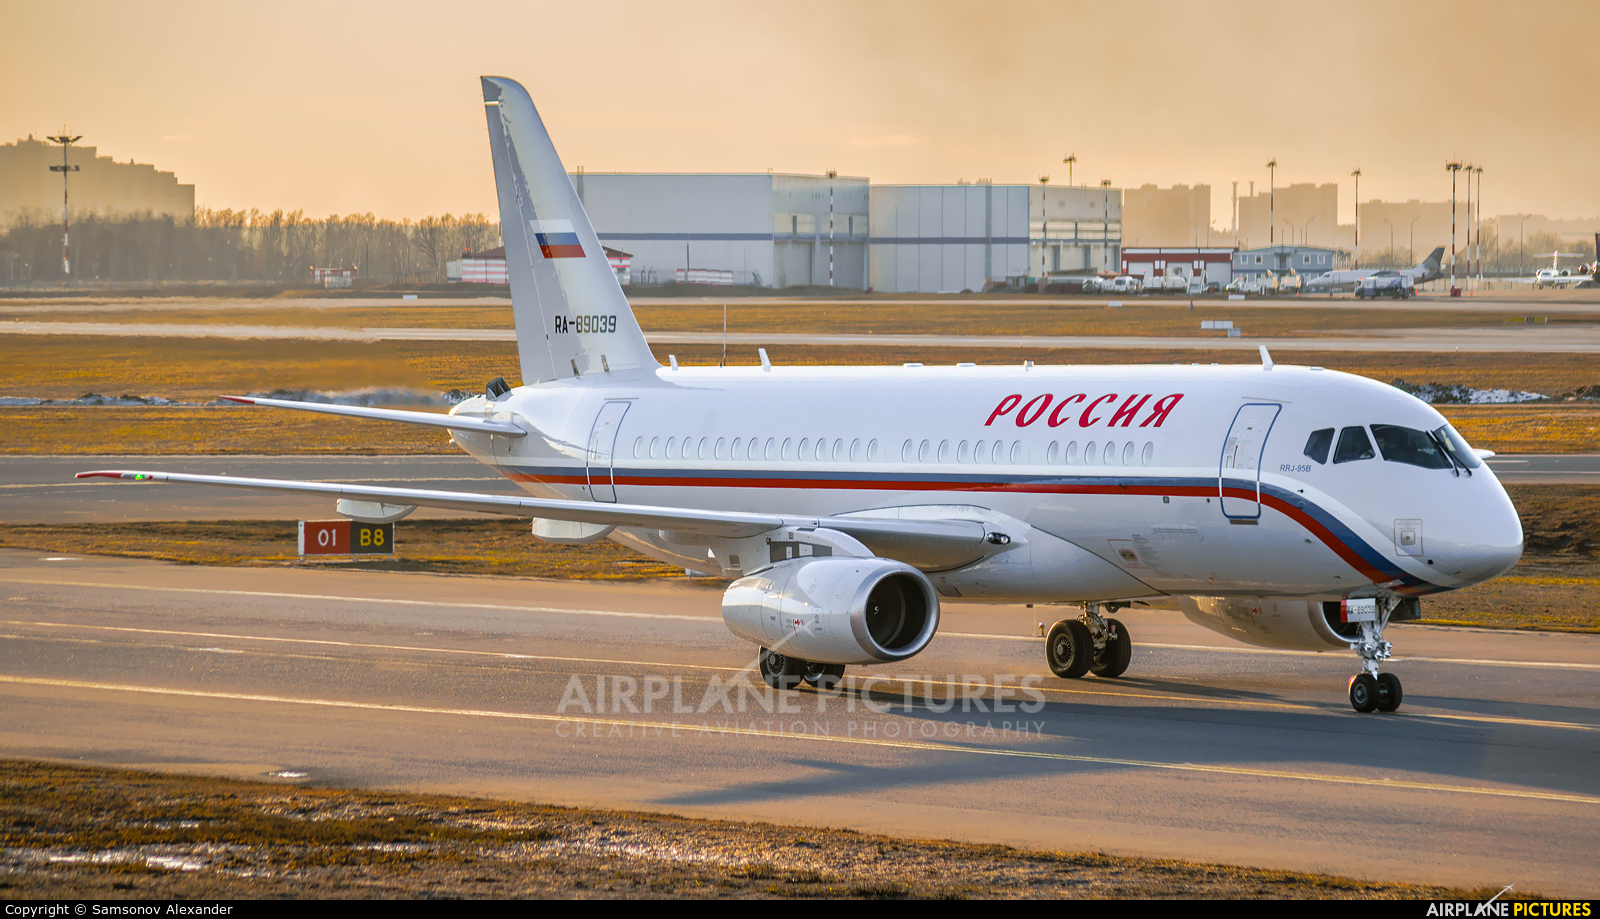 Rossiya Special Flight Detachment RA-89039 aircraft at Moscow - Vnukovo